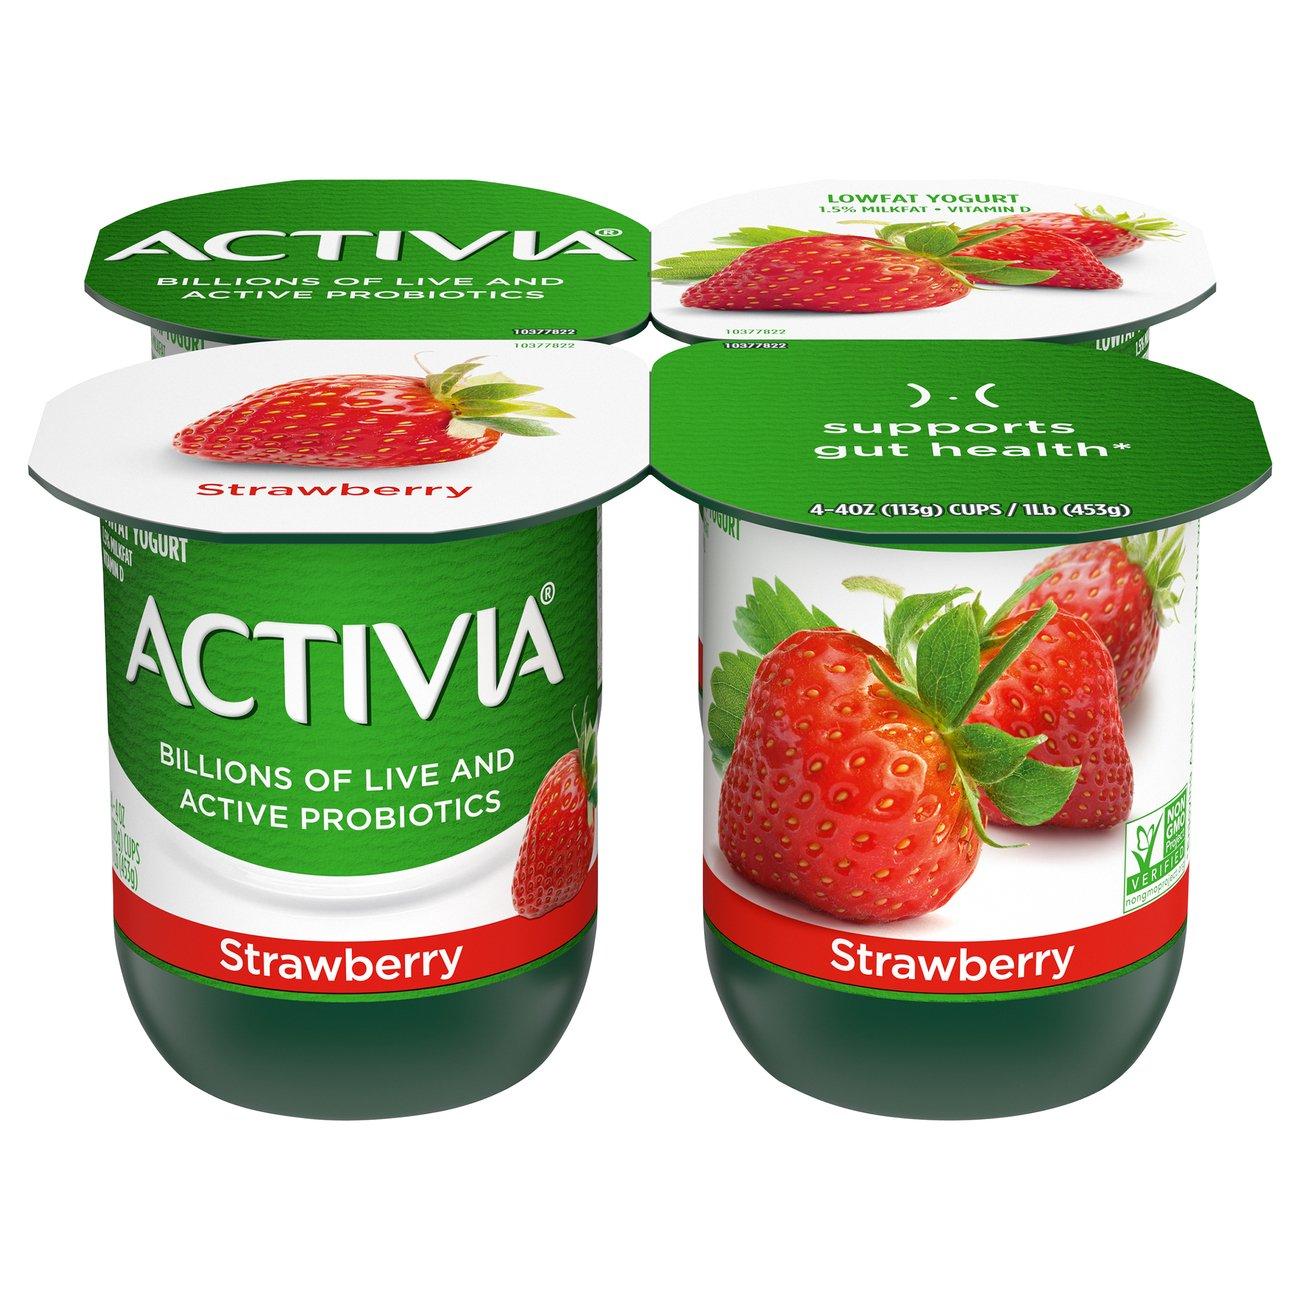 Dannon Activia Low-Fat Strawberry